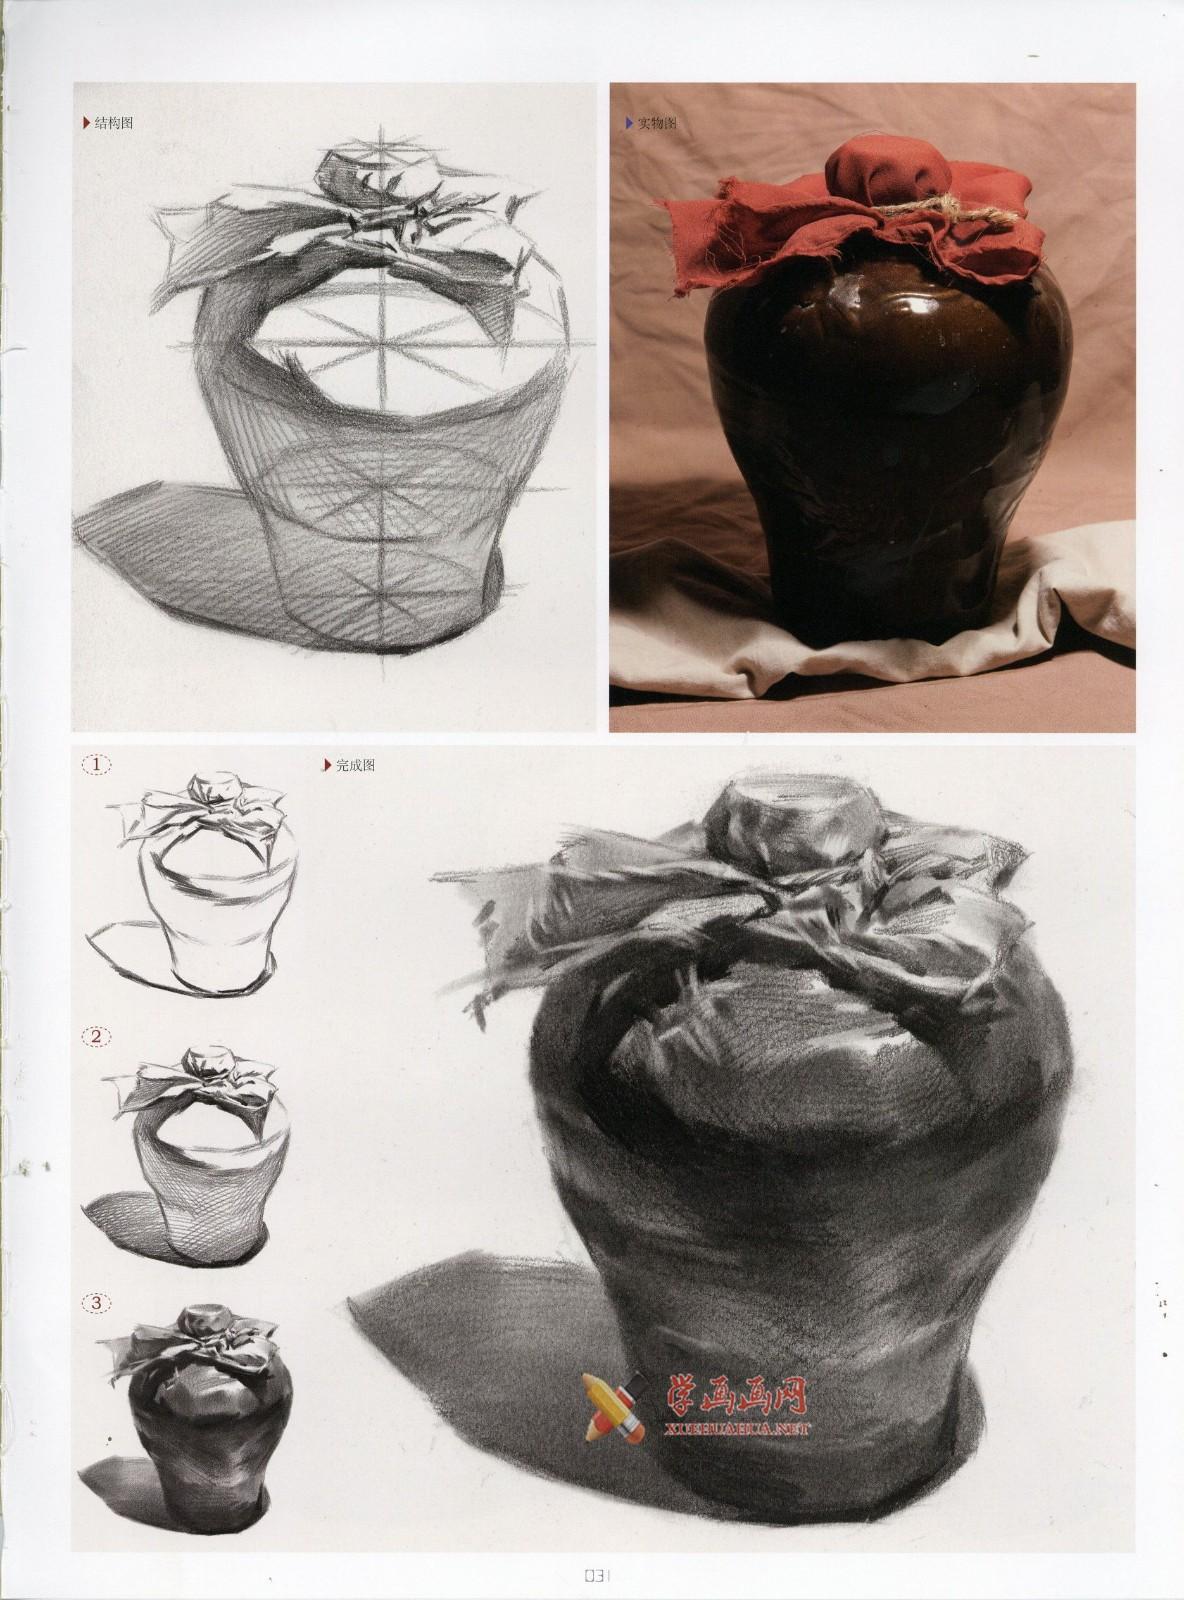 素描陶罐、陶瓷类静物画法图解及临摹范画图片(6)